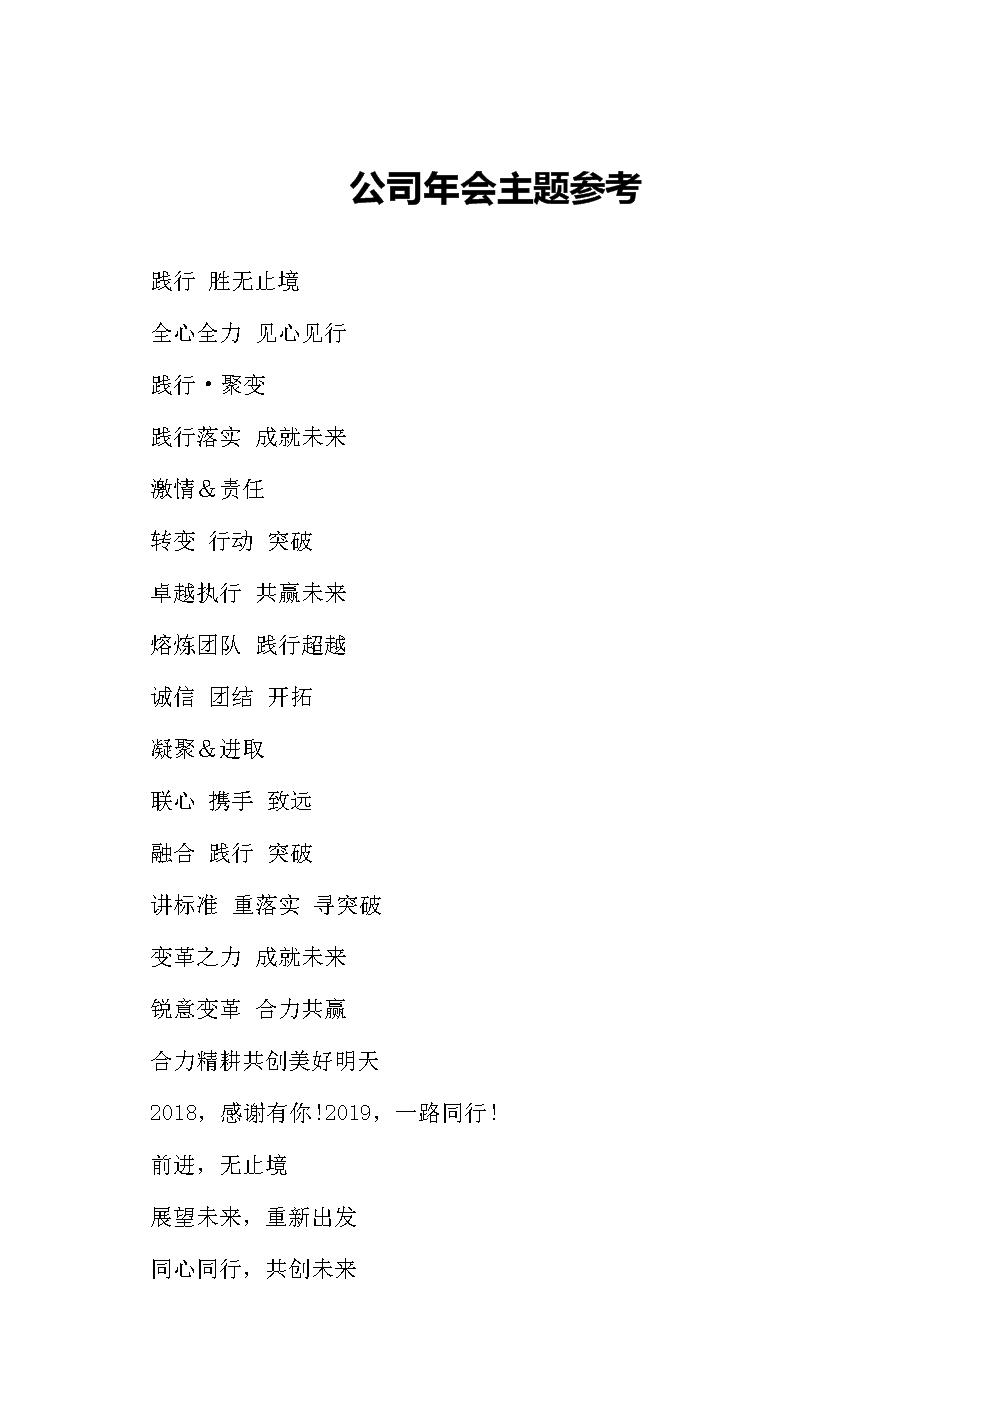 年会主题集锦【主题】.docx